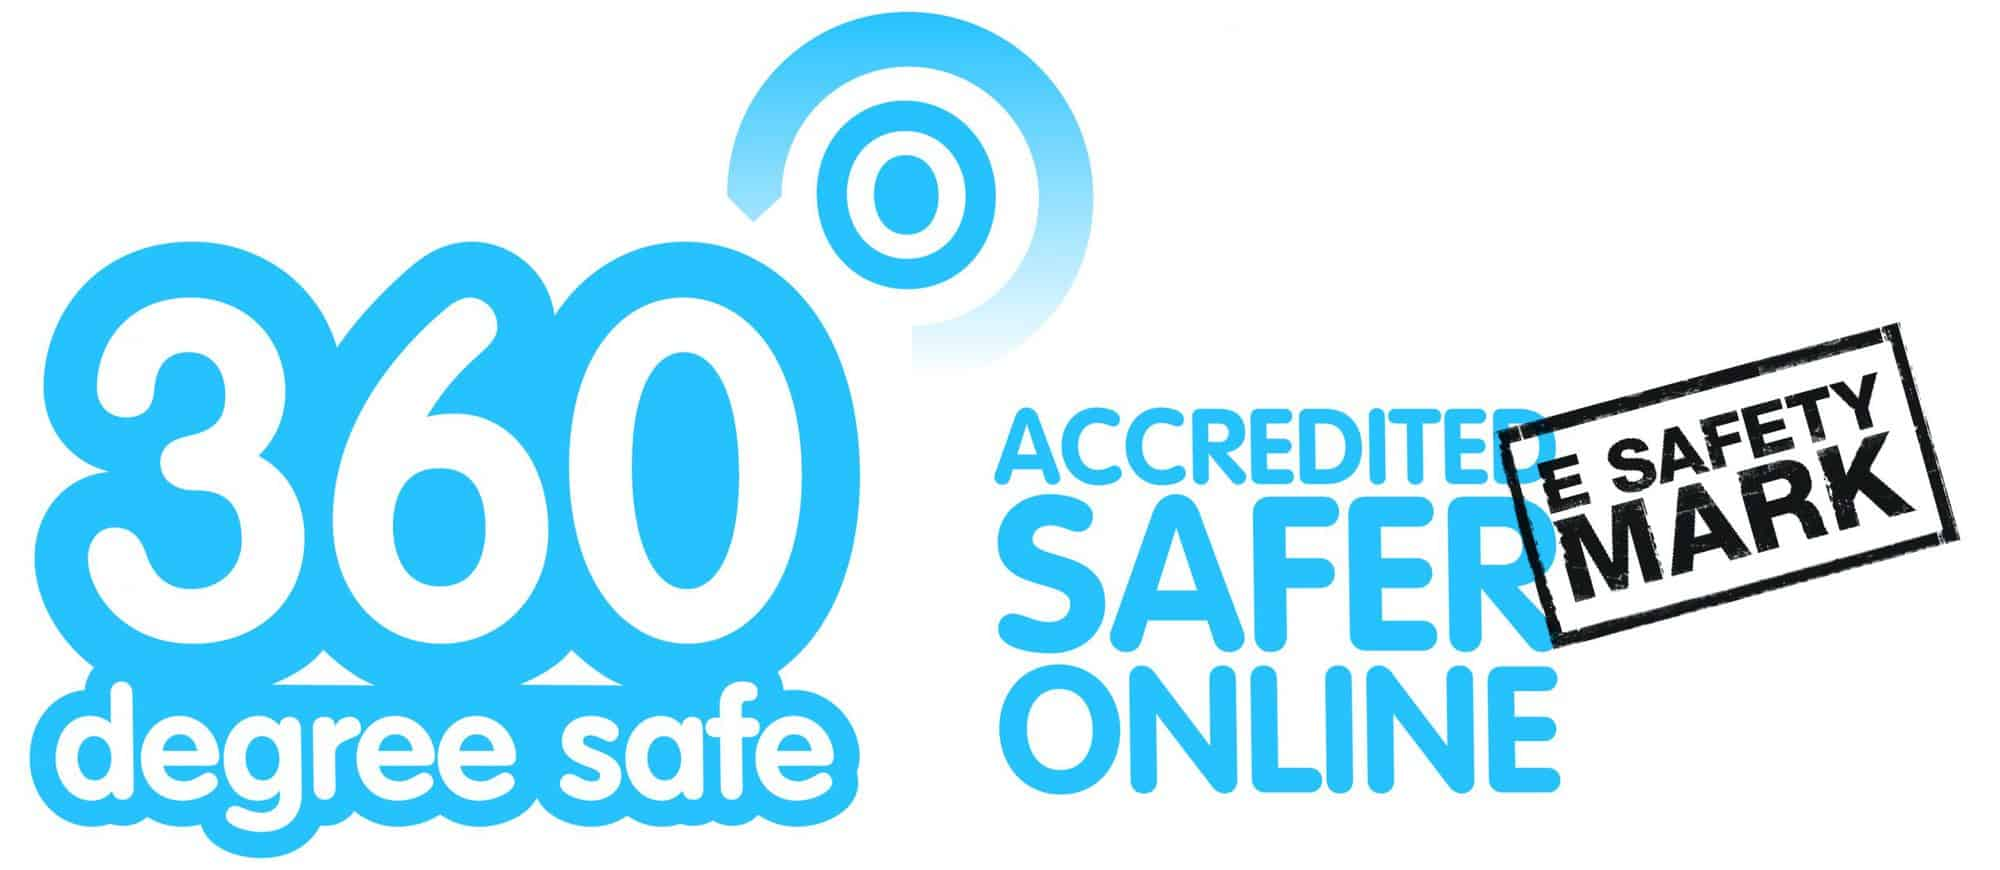 360 Degree Safe